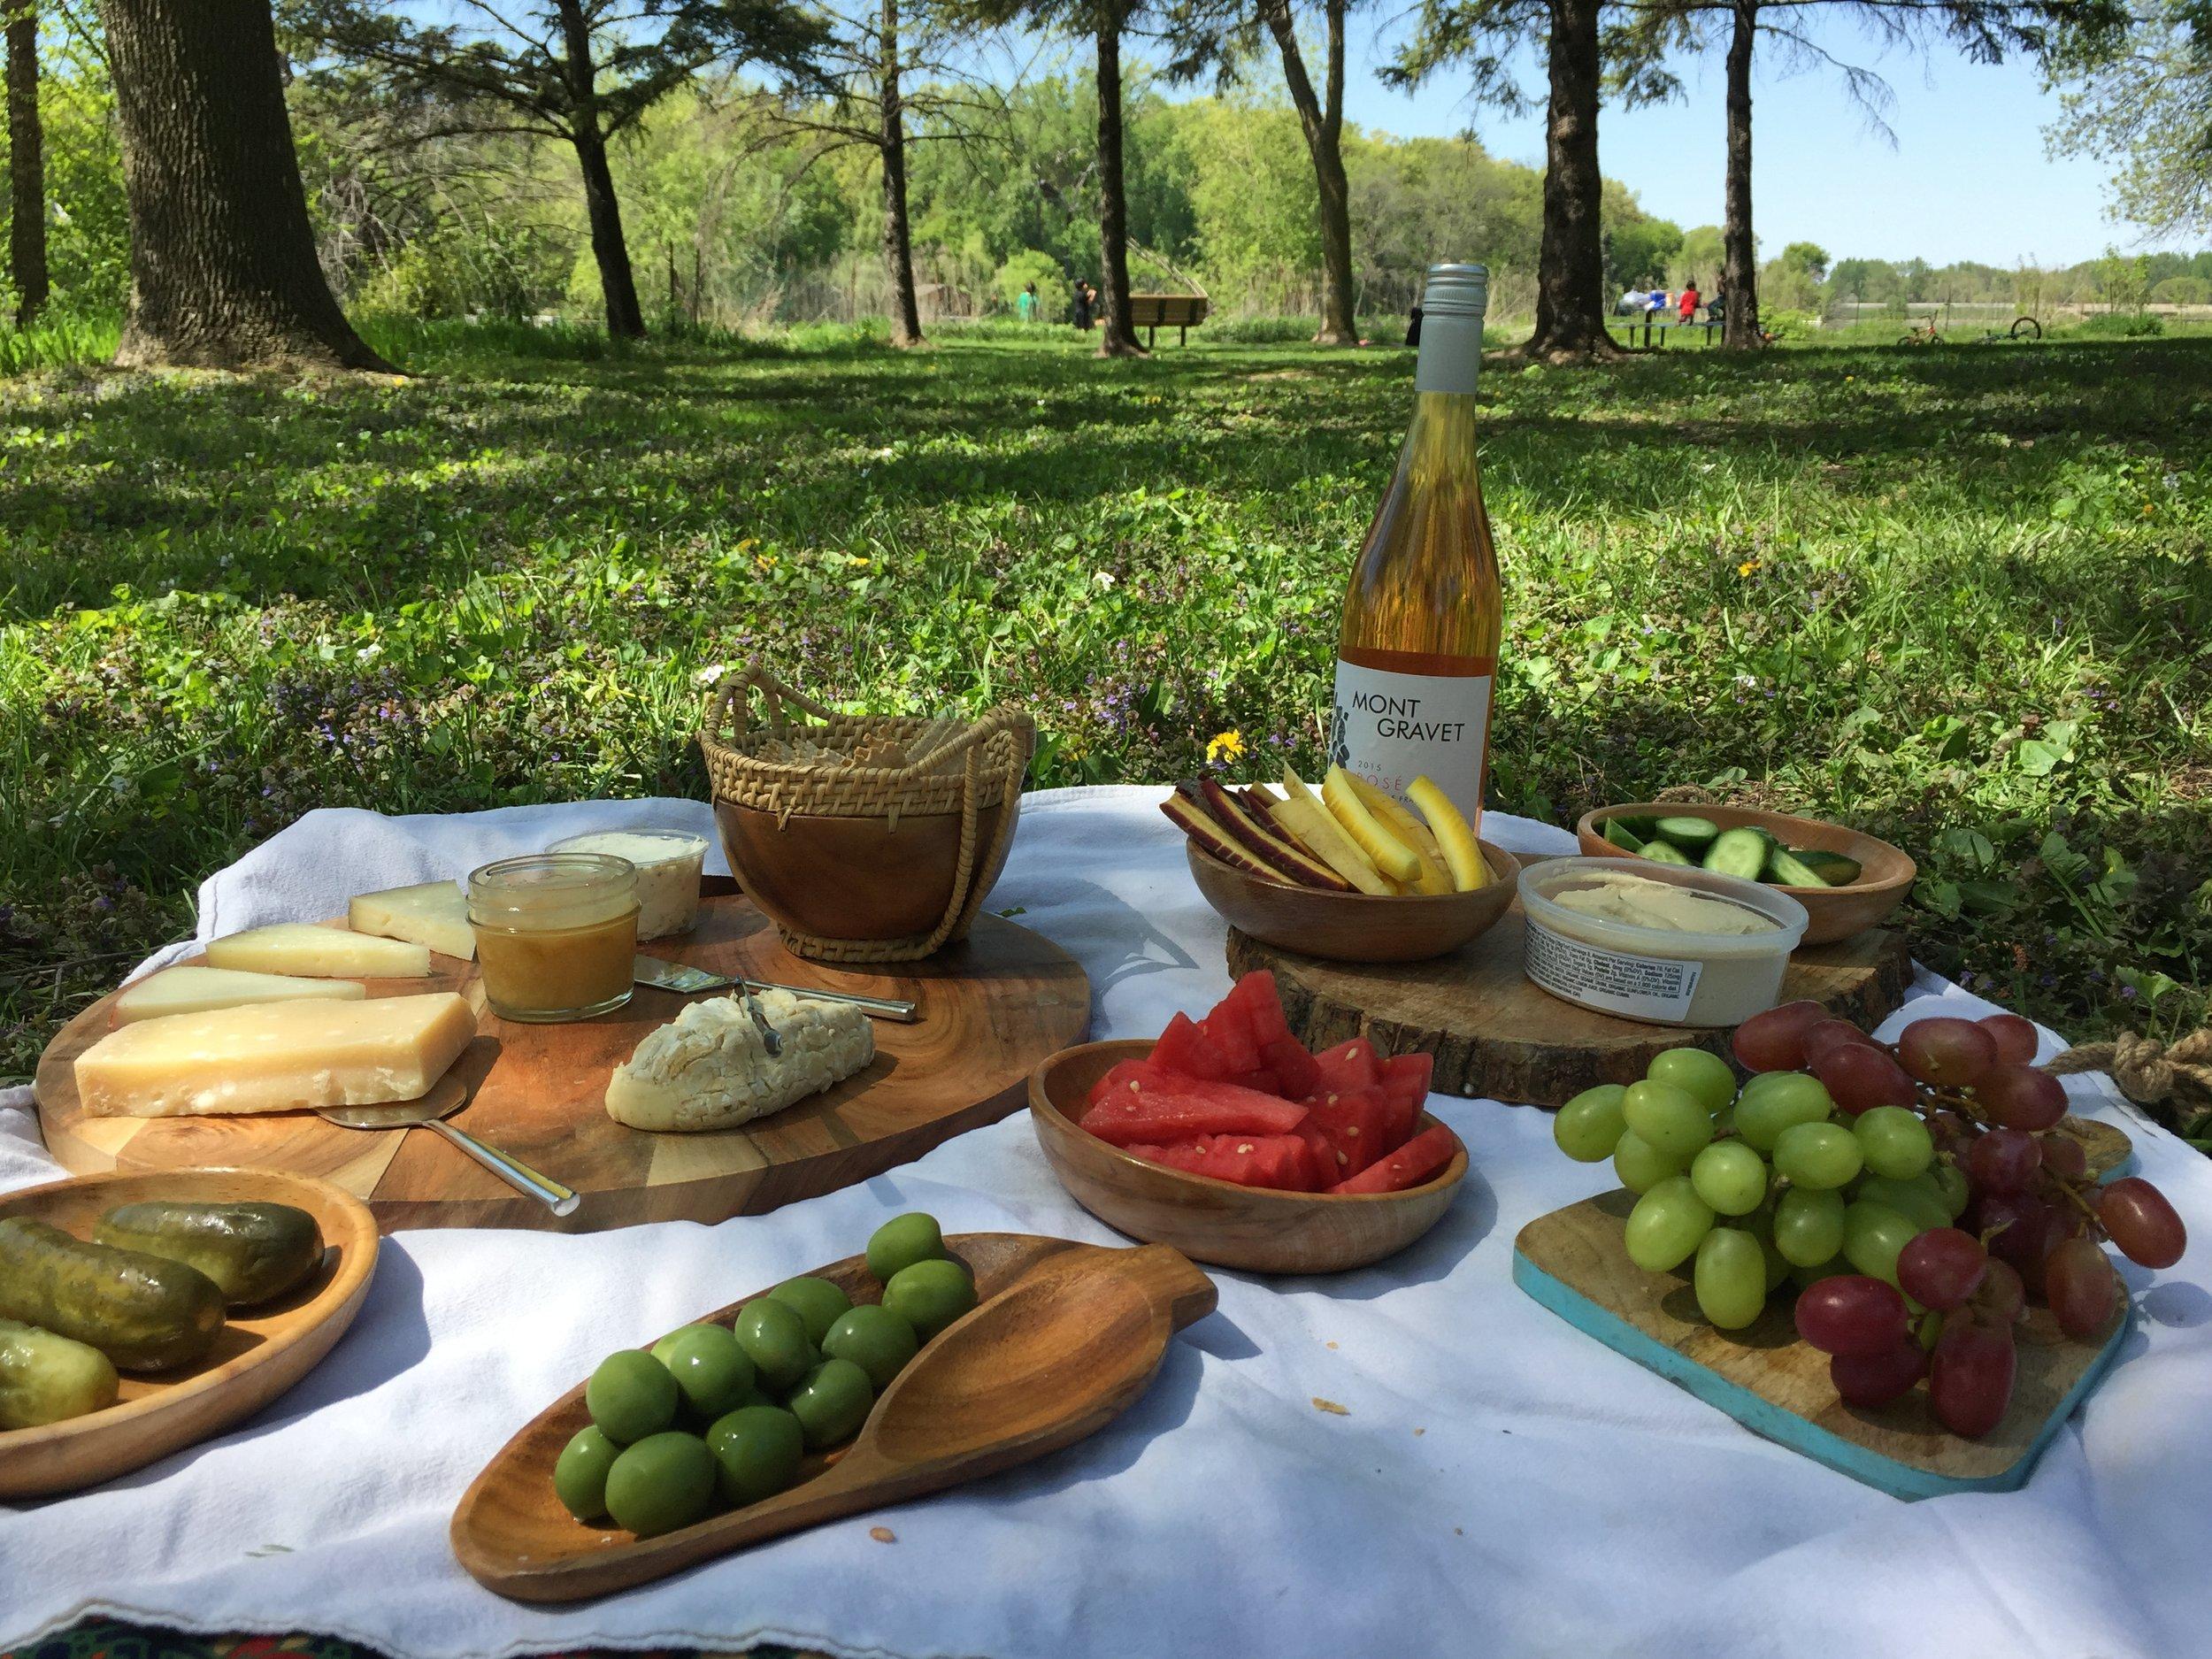 picnic spread time